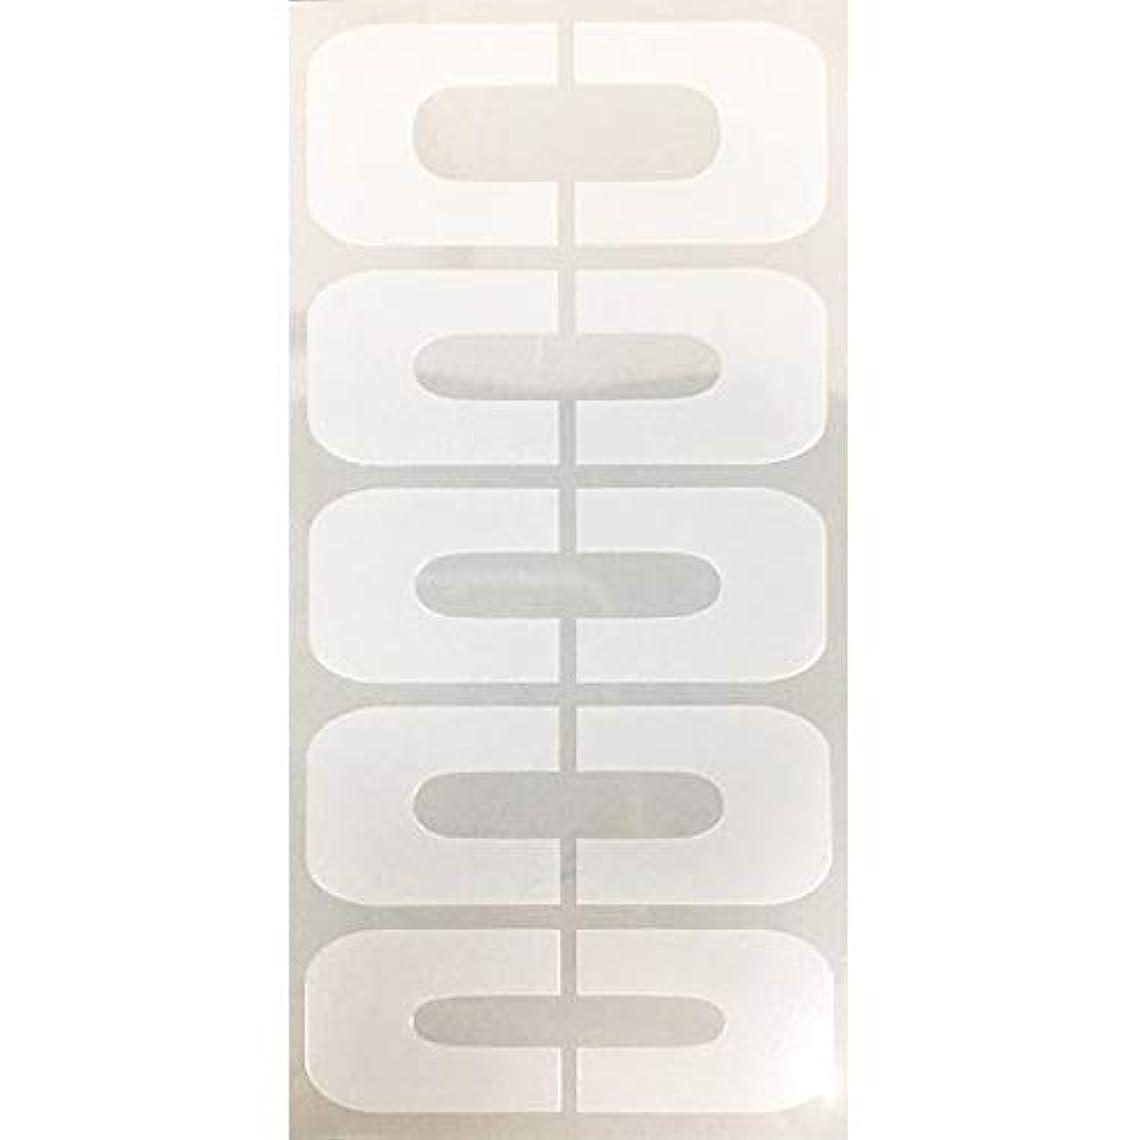 頬骨生命体複製するAIRTEX エアジェル マスキングシール クリア 10枚 AGL-FM5